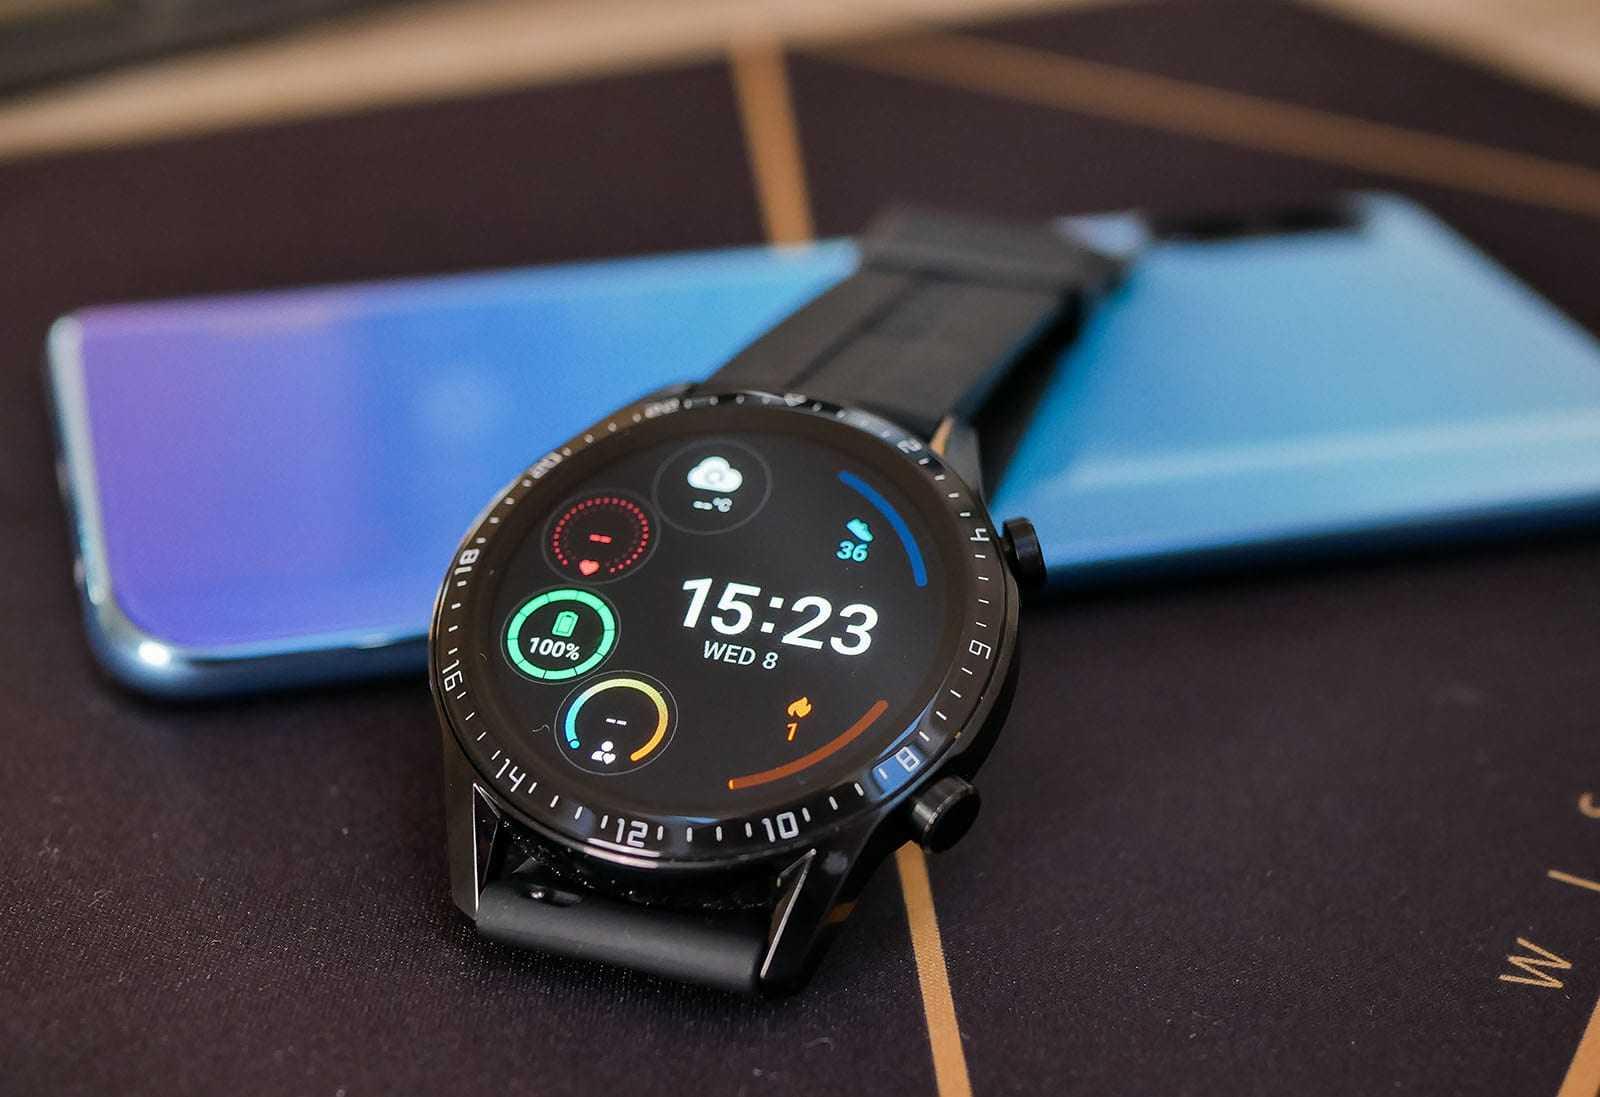 На прошлой неделе специалисты компании Huawei представили новые смарт-часы под названием Watch GT 2 Pro Теперь появились сведения на предмет того что модель выйдет в